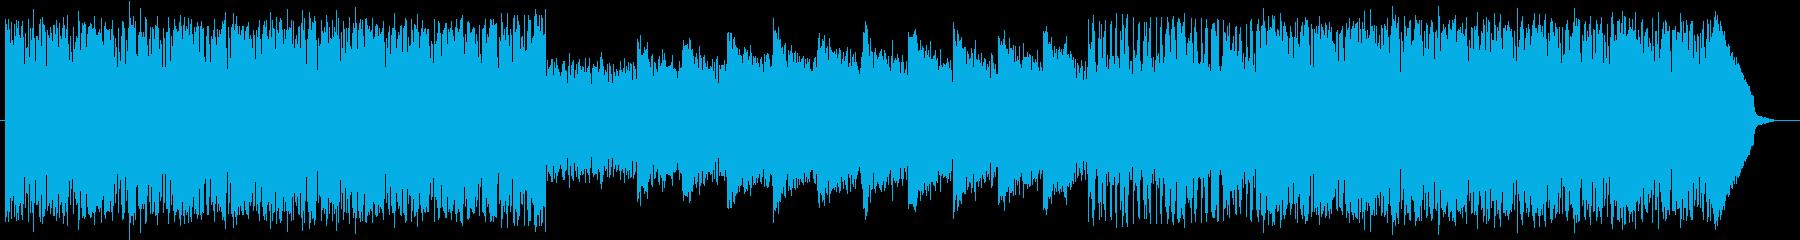 リズミカルで木琴やドラムが印象的なテクノの再生済みの波形